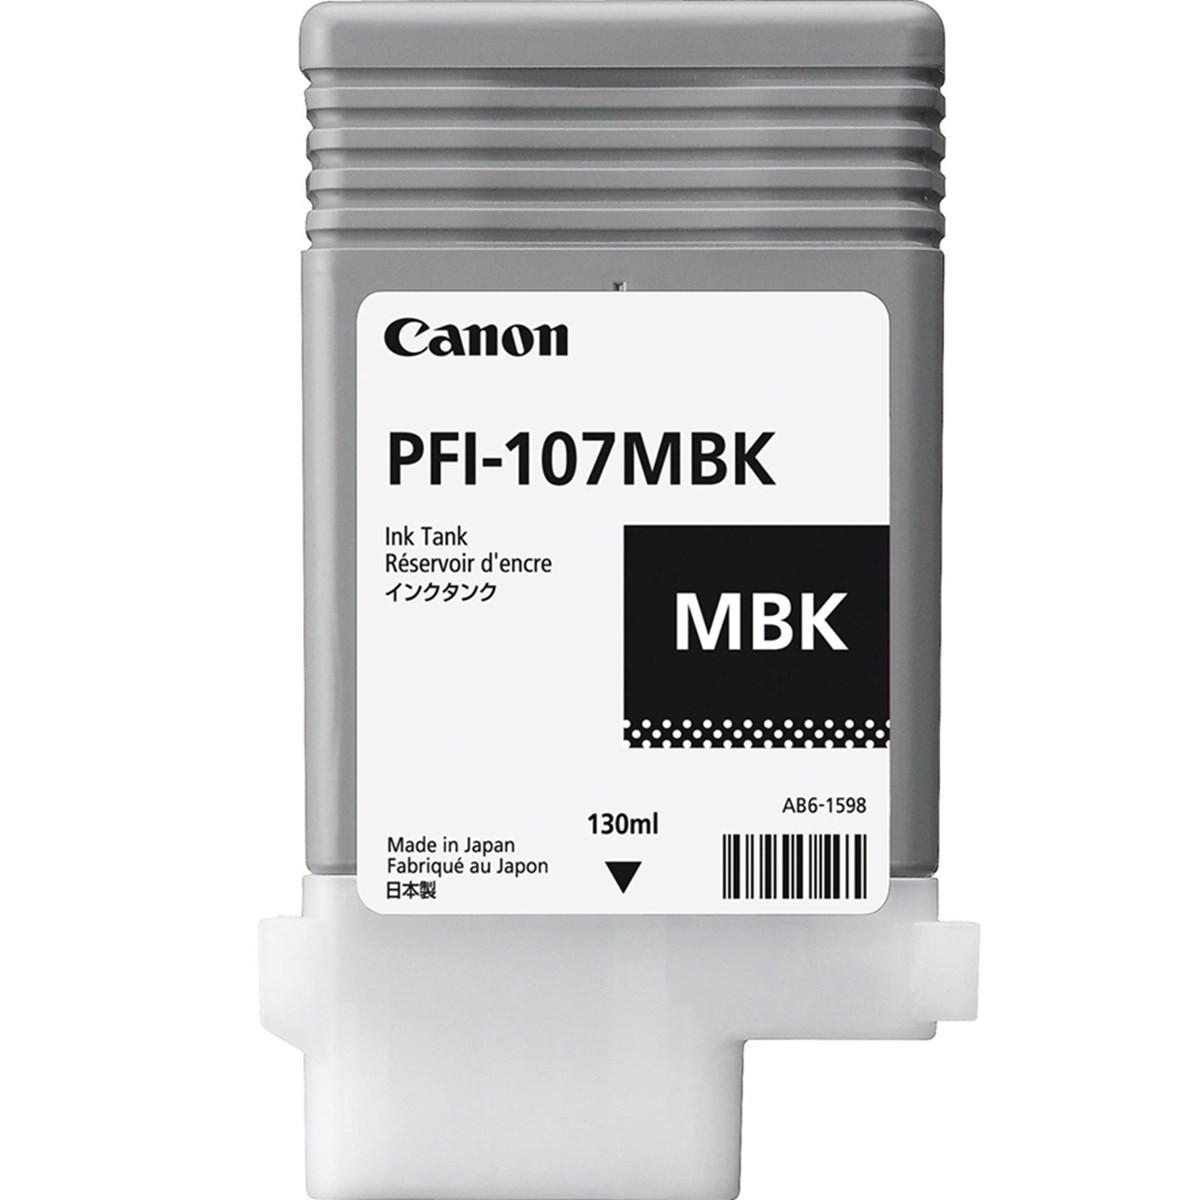 Cartucho de Tinta Canon PFI-107 PFI-107MBK Preto Fosco | Original 130ml